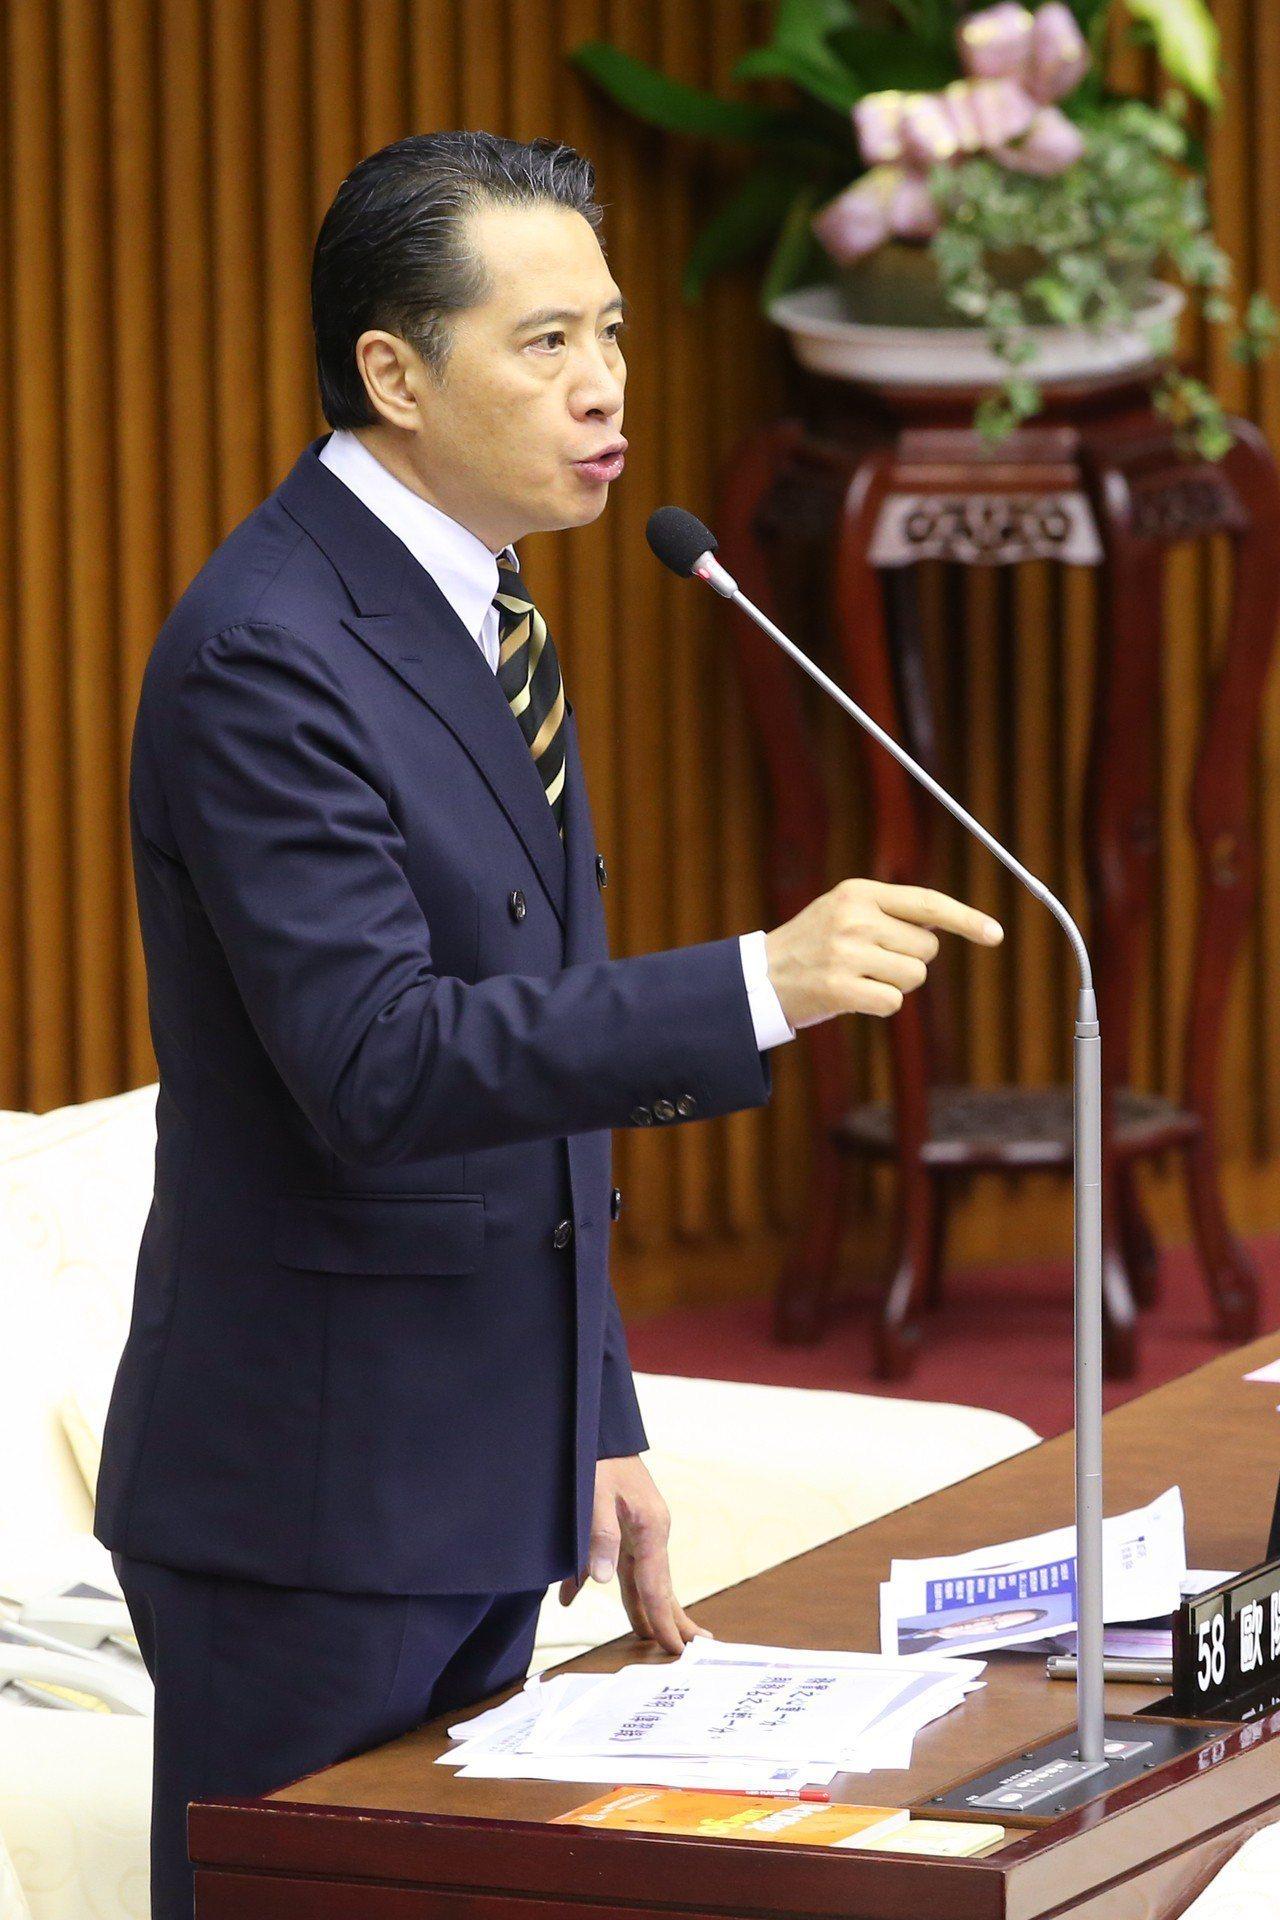 台北市議員歐陽龍傳接任文傳會副主委兼發言人。 聯合報系資料照/記者葉信菉攝影